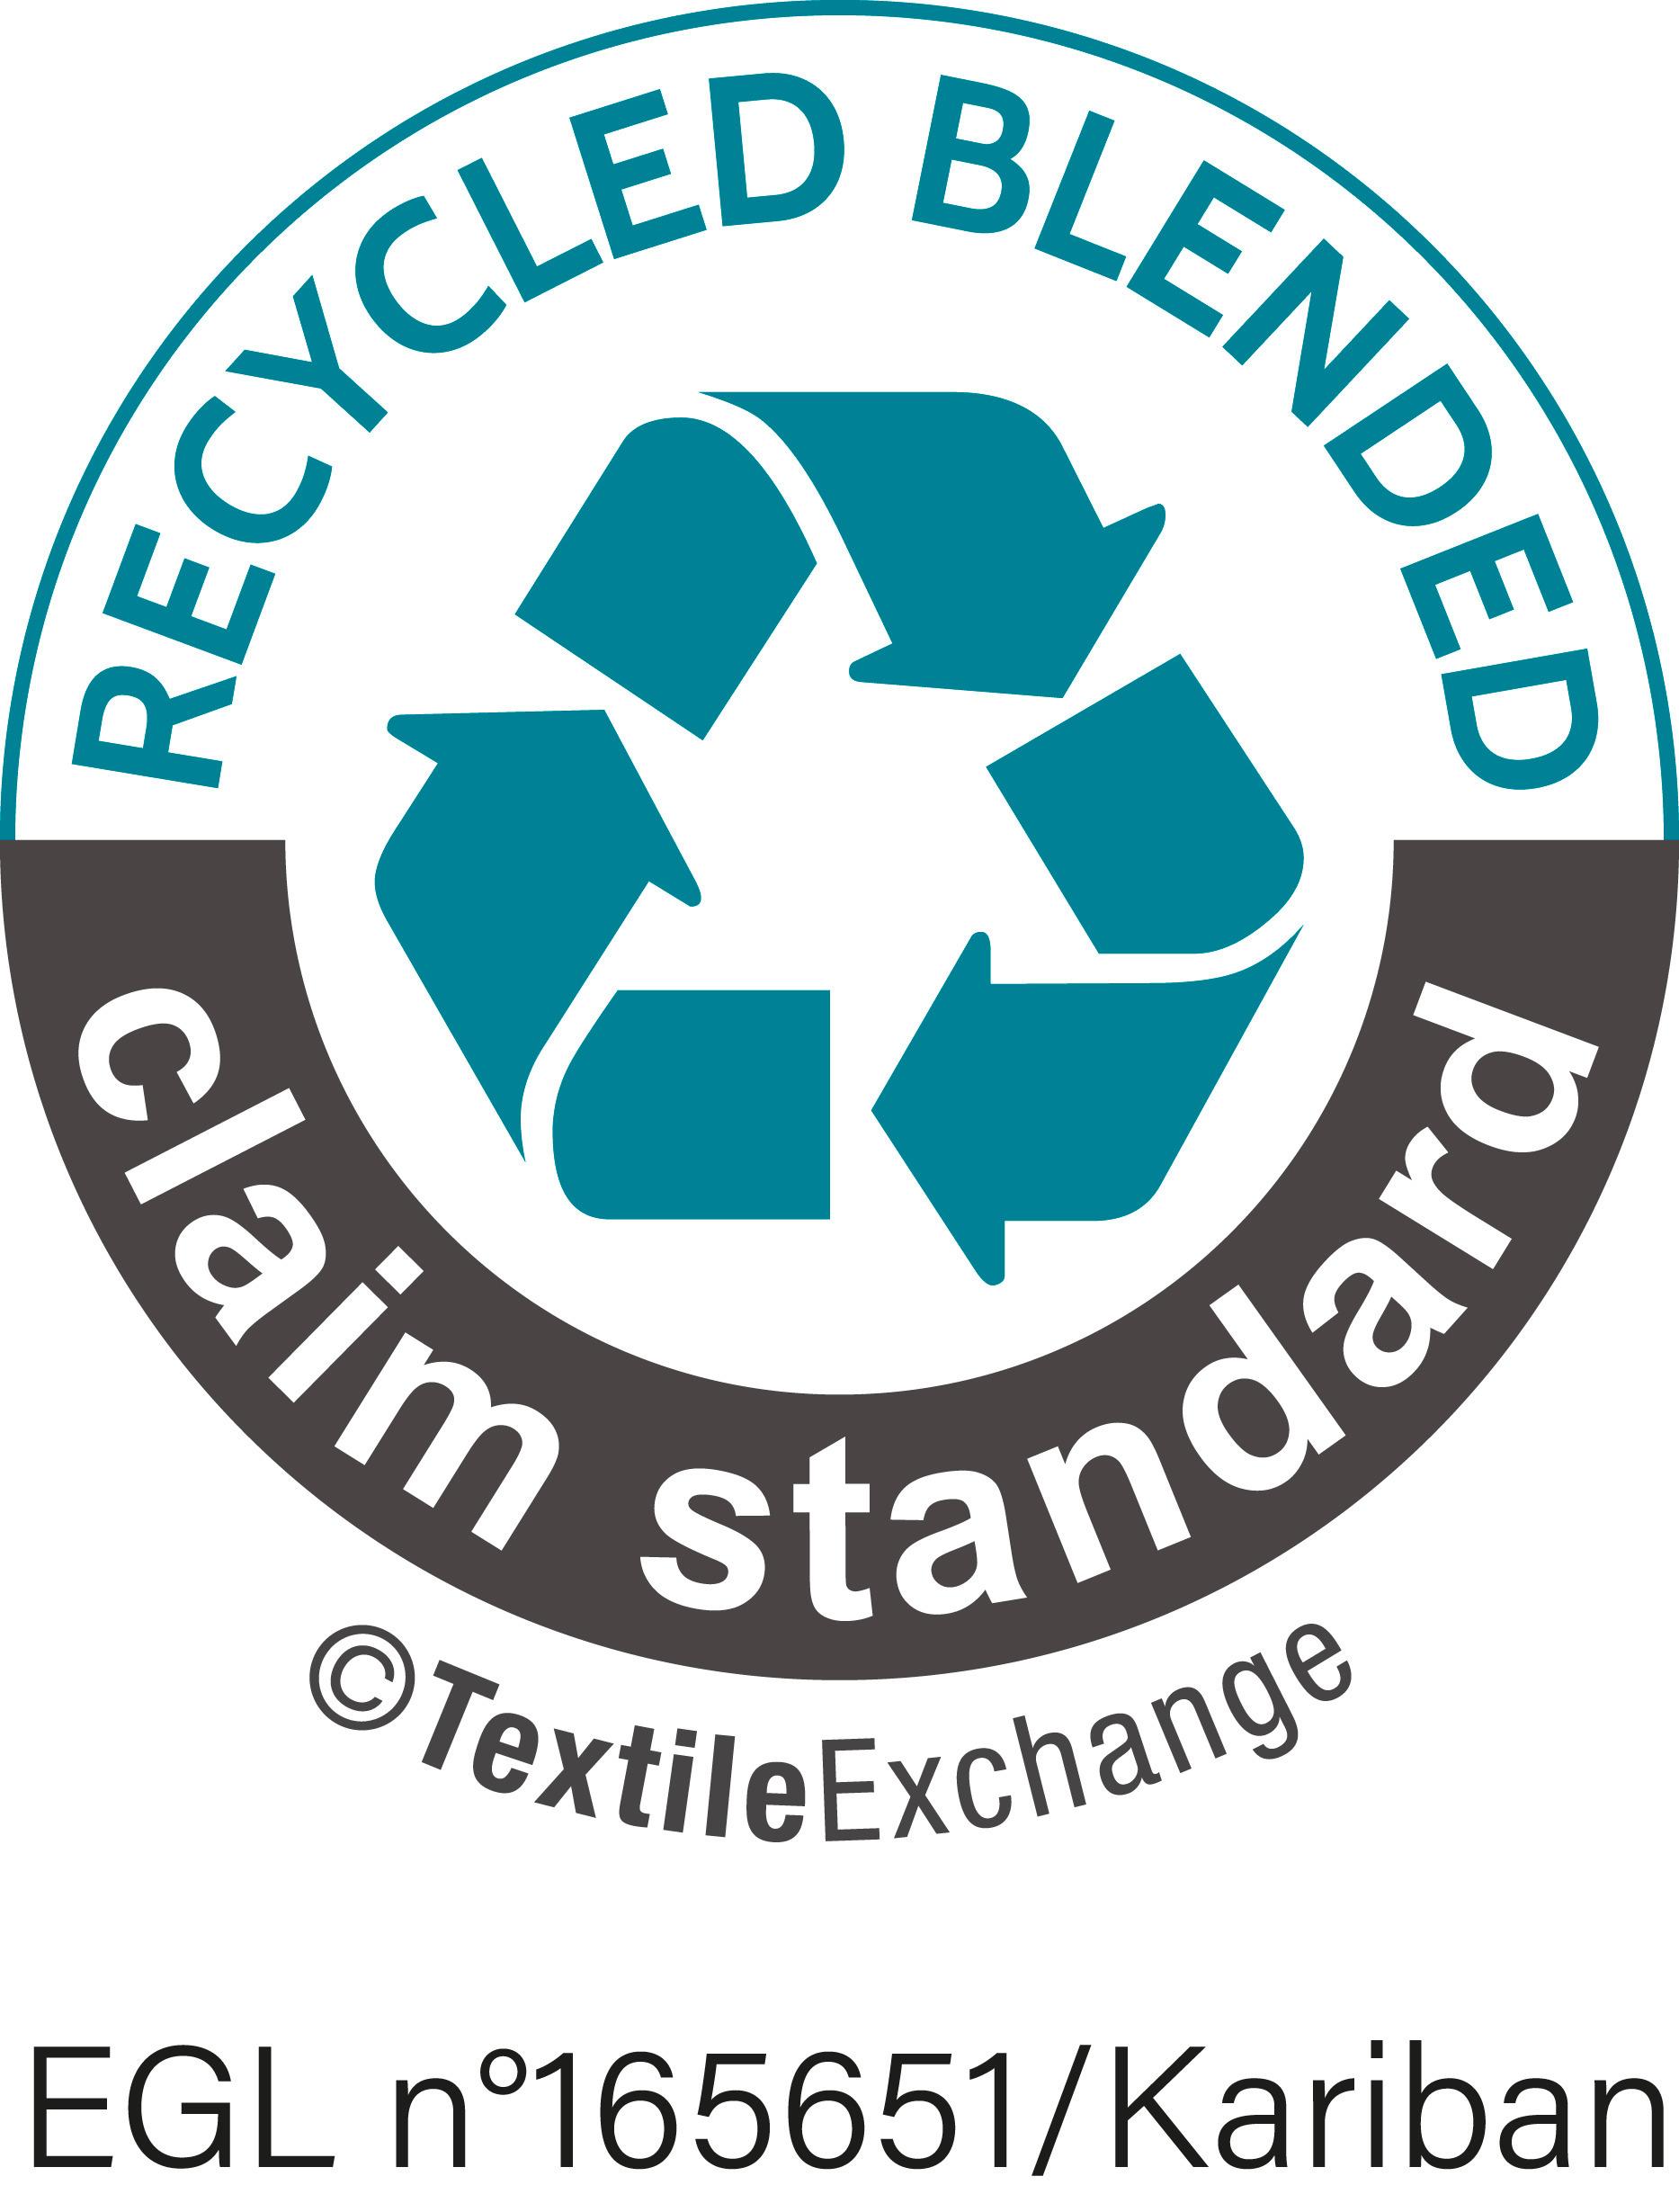 Content Standard-Zertifizierung Nr. 165651 von Ecocert Greenlife. Artikel, die mit mindestens 5 % und höchstens 95 % recycelten Rohstoffen in Kombination mit anderen Rohstoffen hergestellt werden.